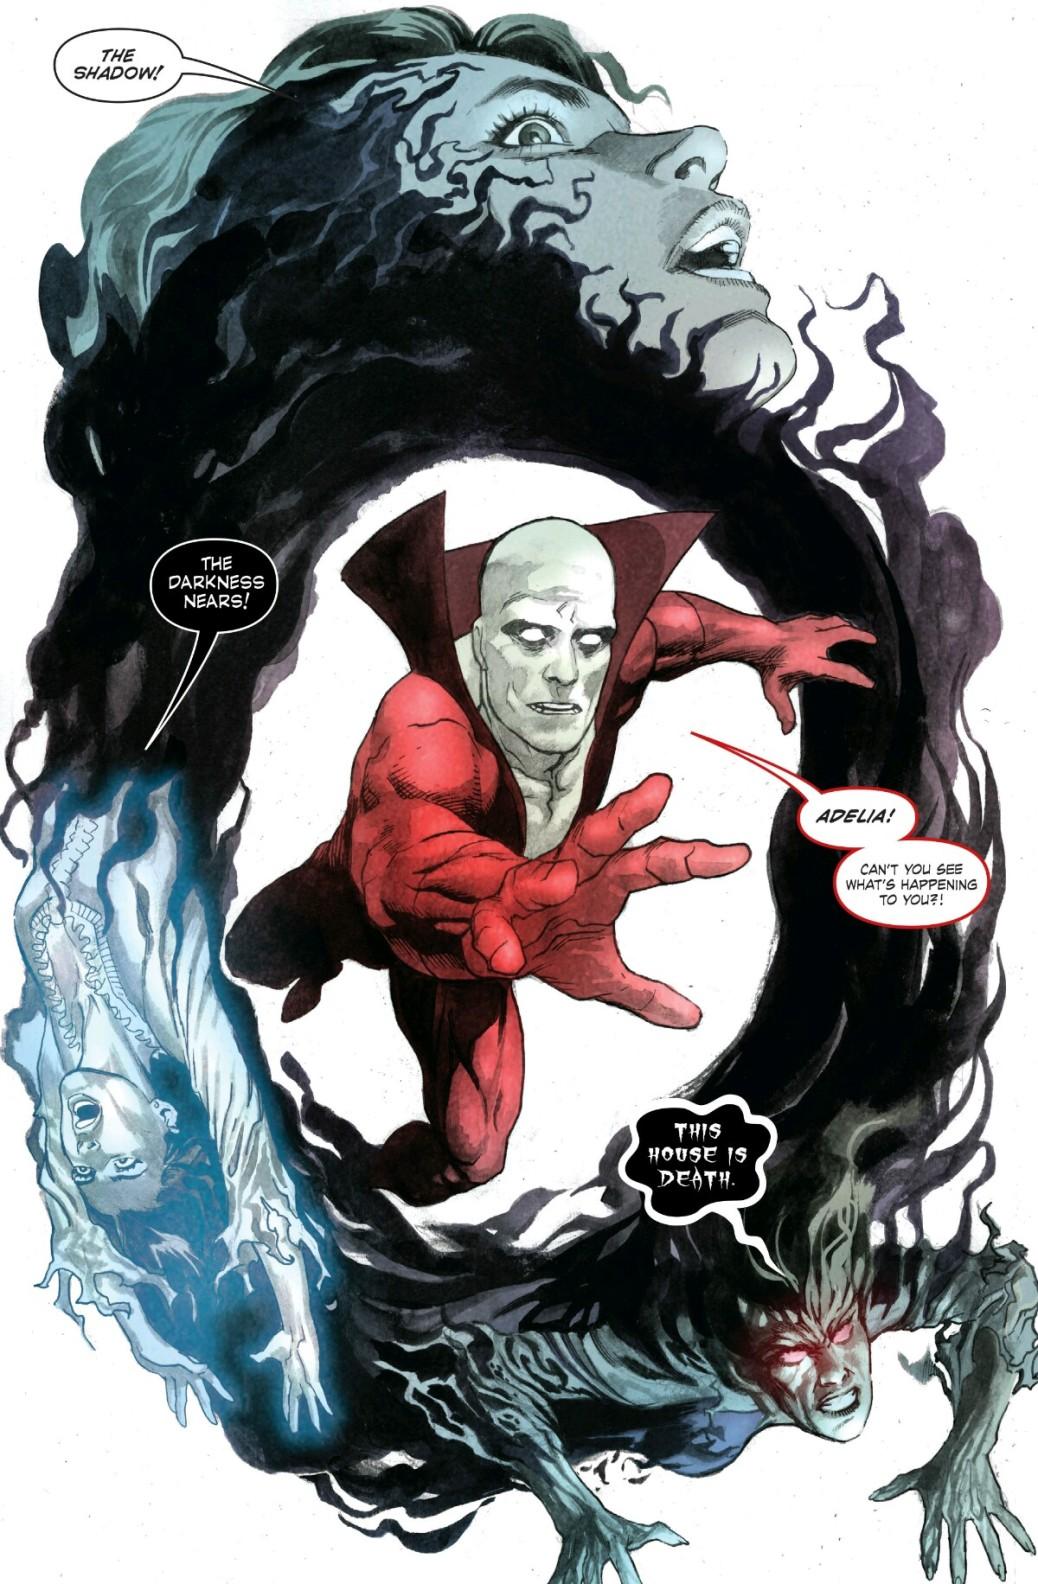 From Deadman: Dark Mansion of Forbidden Love #2 by Lan Medina & Jose Villarrubia